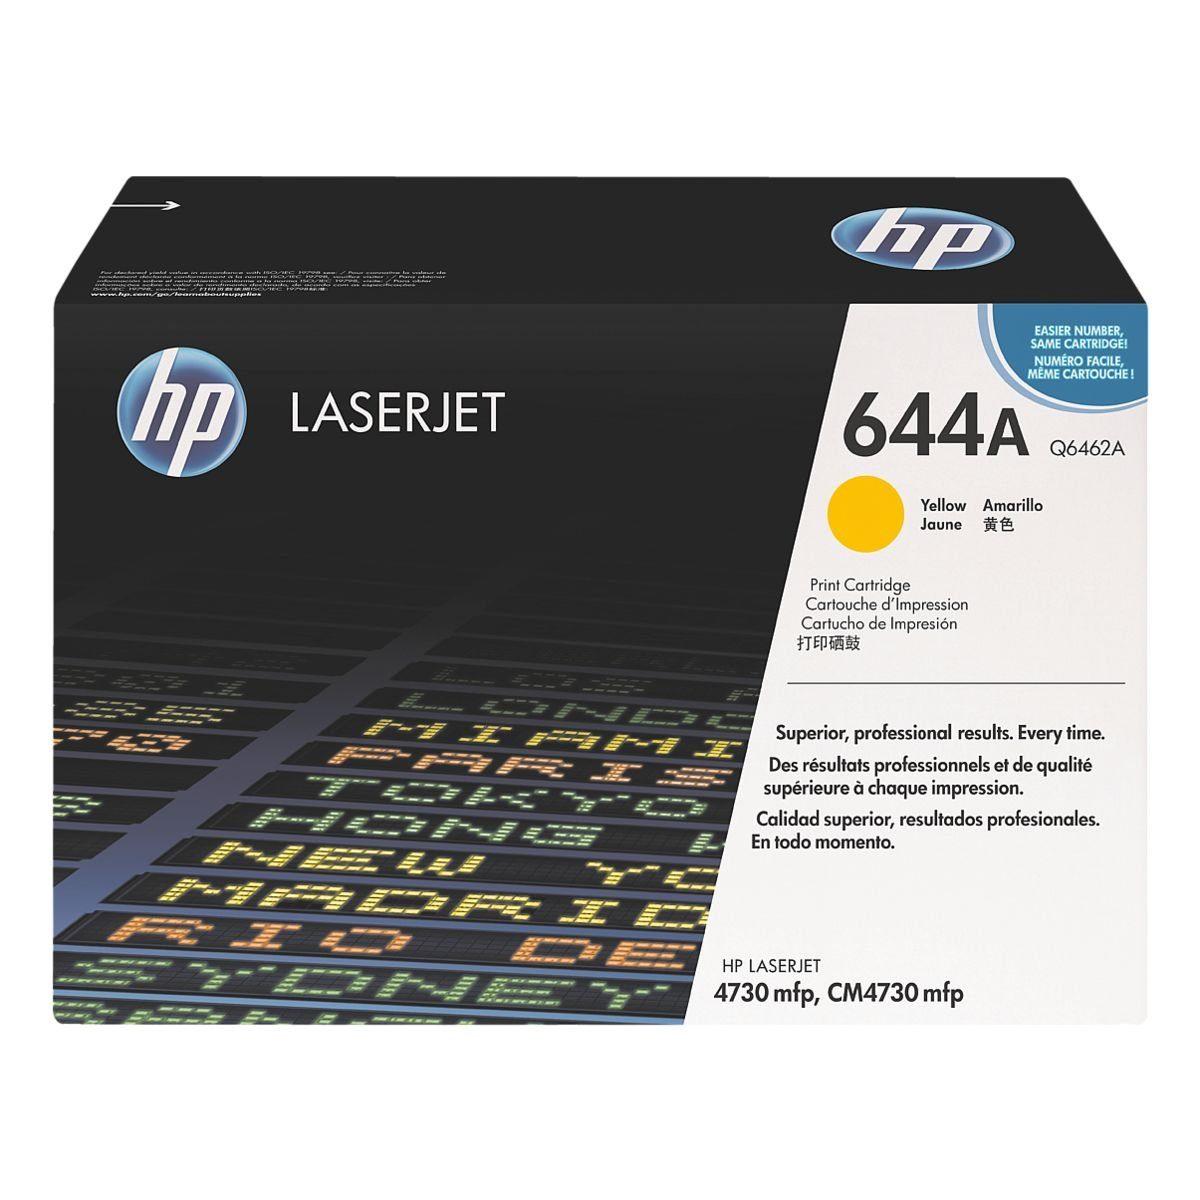 HP Druckkassette »HP Q6462A« 644A